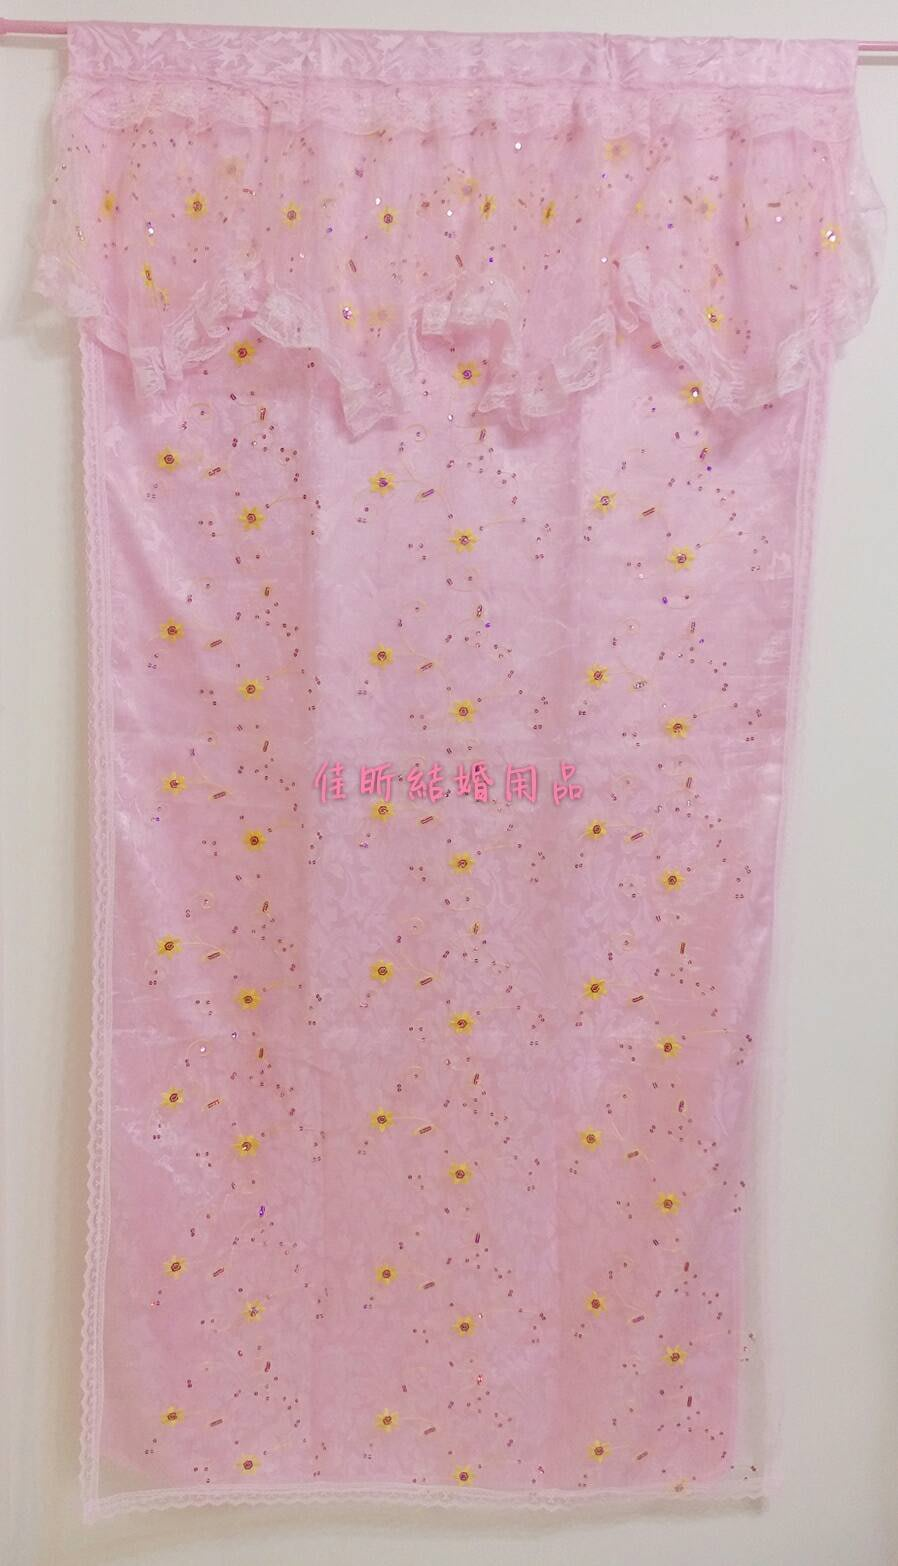 粉色蕾絲雙層門簾 新婚門簾 ~ 一片式新房門簾 ~ 結婚門簾   風水簾 台灣製造